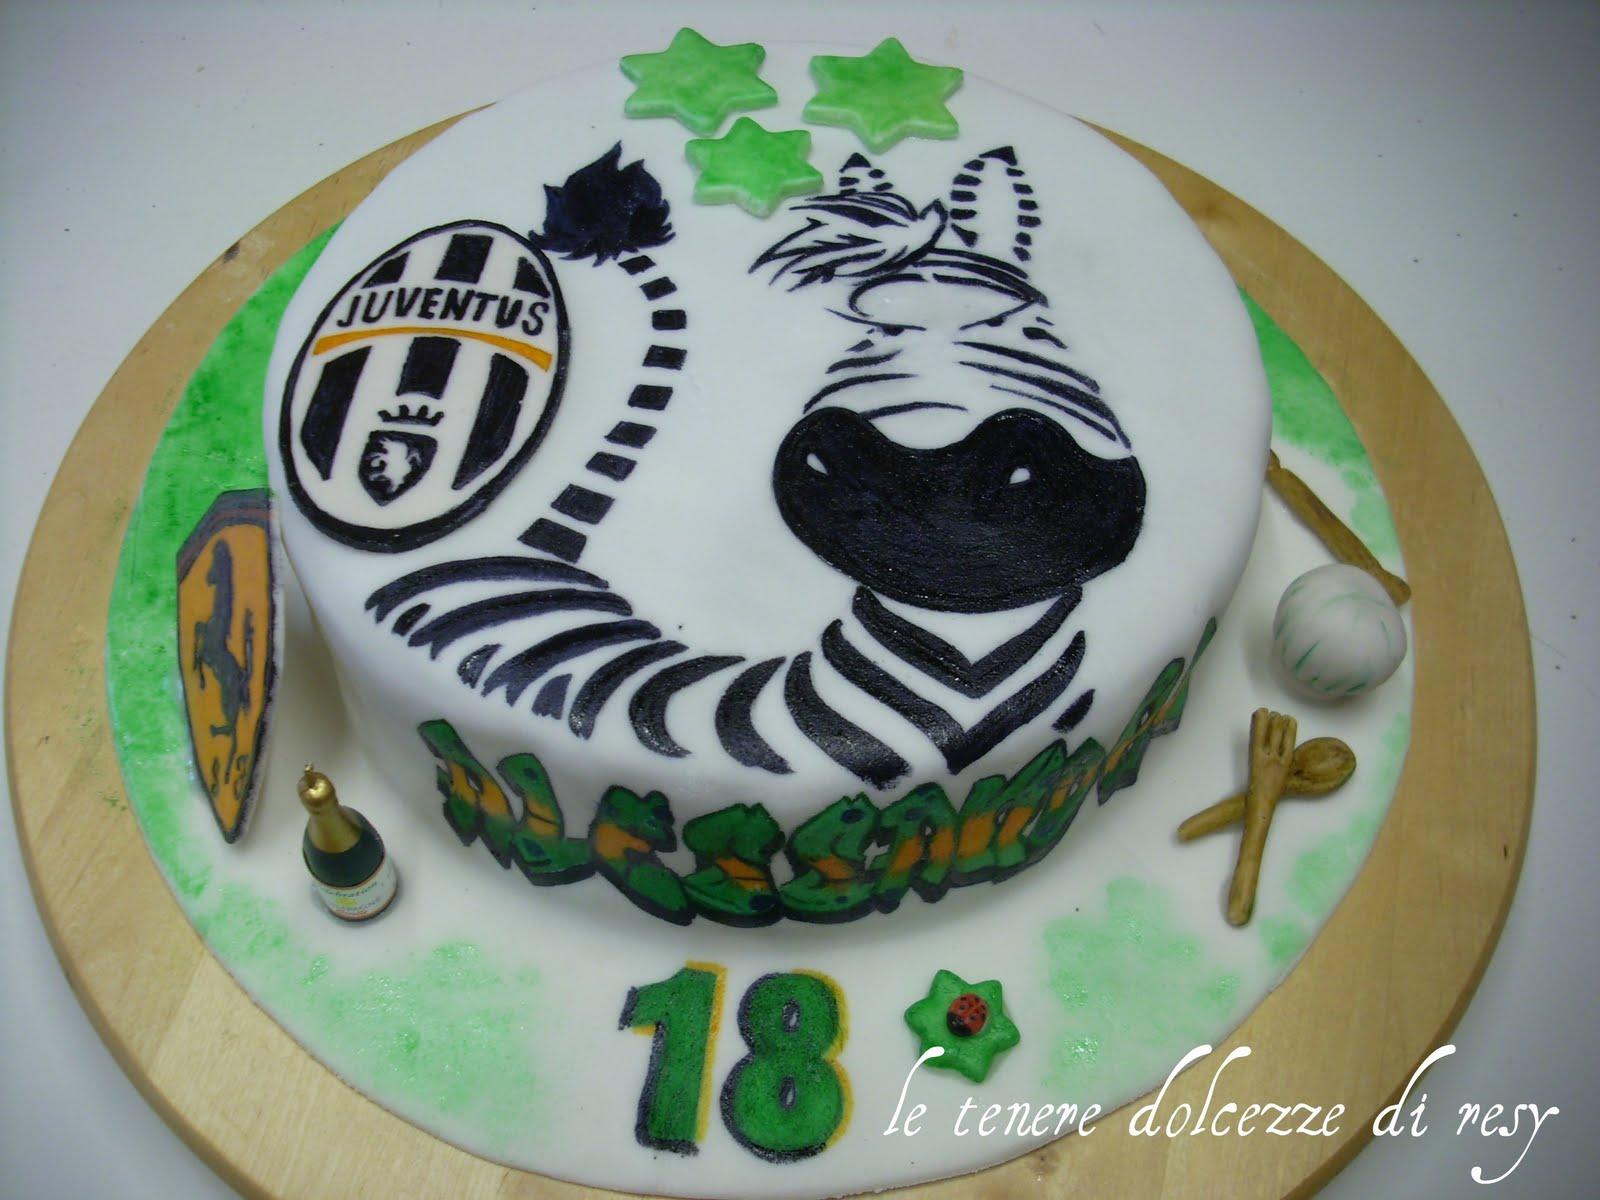 Valerio S Cake Union City Hours